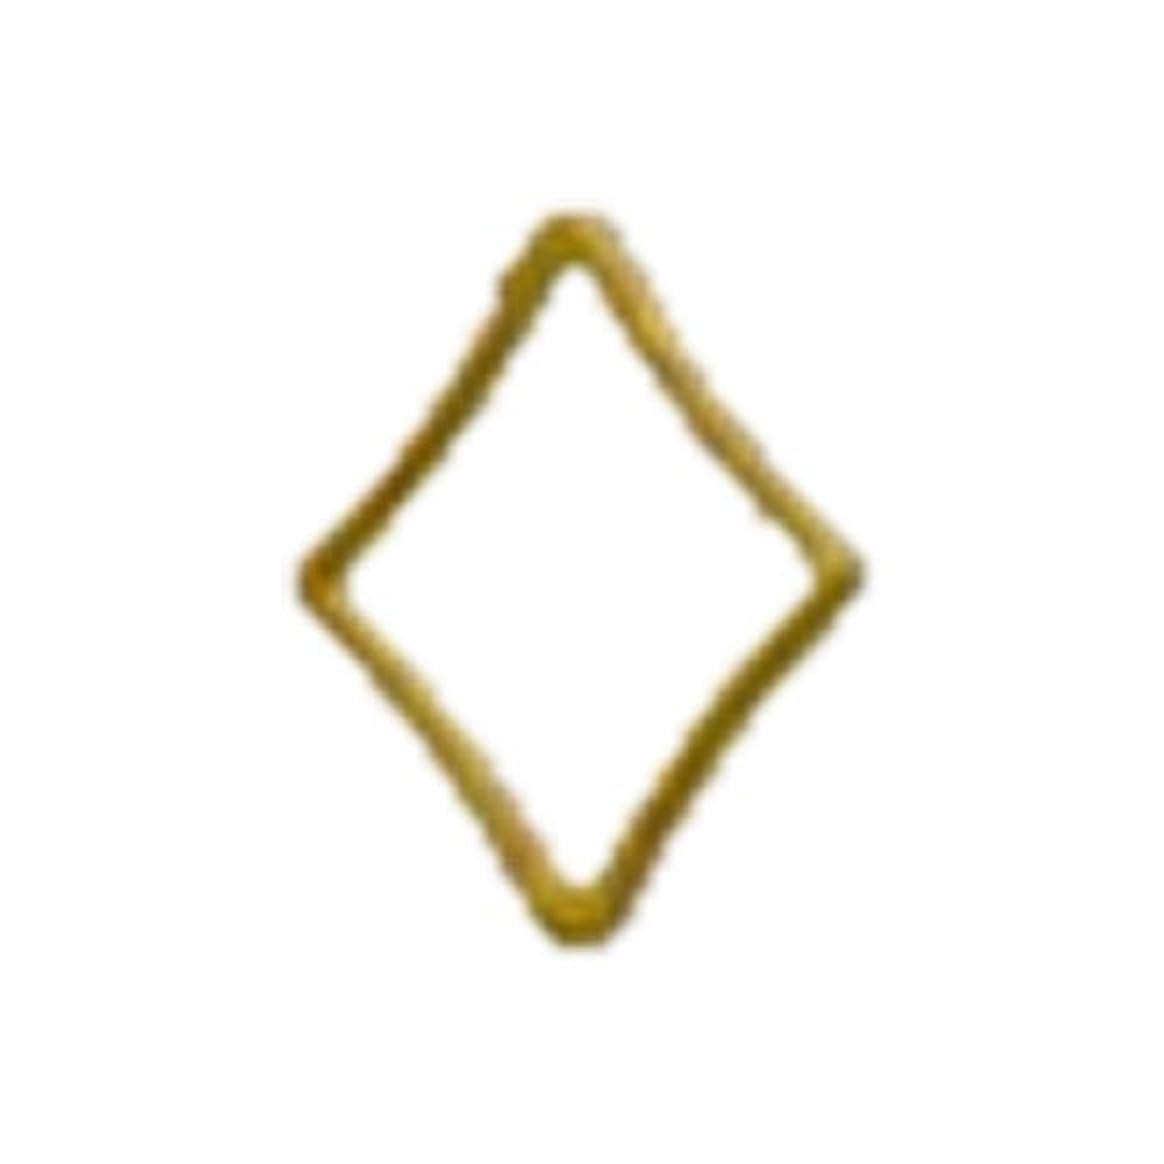 エッセイリラックスした手のひらリトルプリティー ネイルアートパーツ キラキラ 3S ゴールド 20個